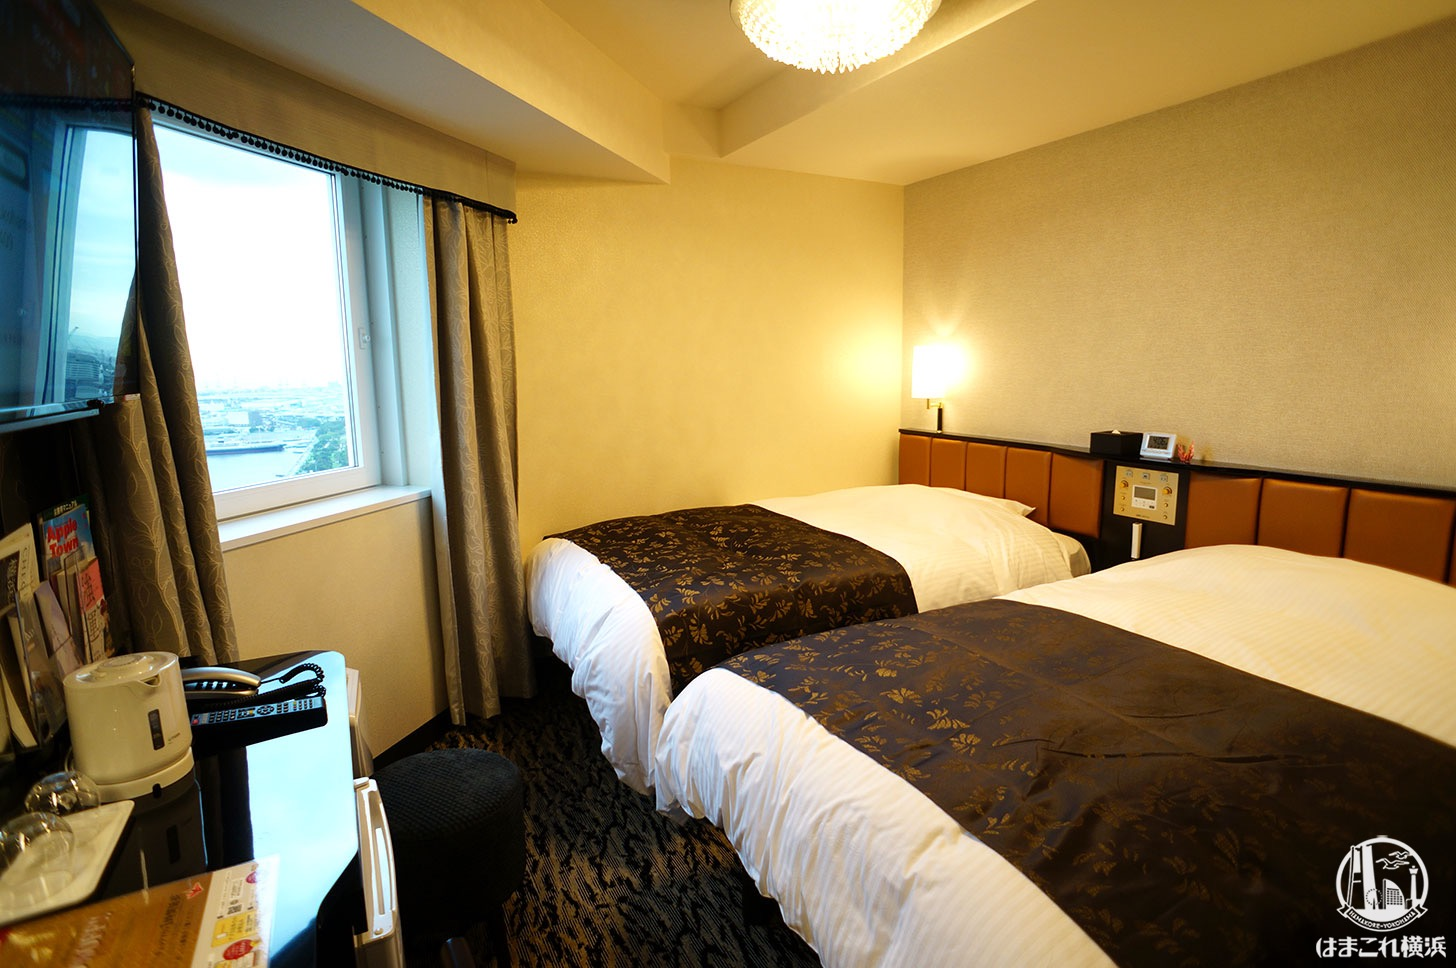 アパホテル&リゾート 横浜ベイタワー「コーナーツインルーム(ベイブリッジ側)」